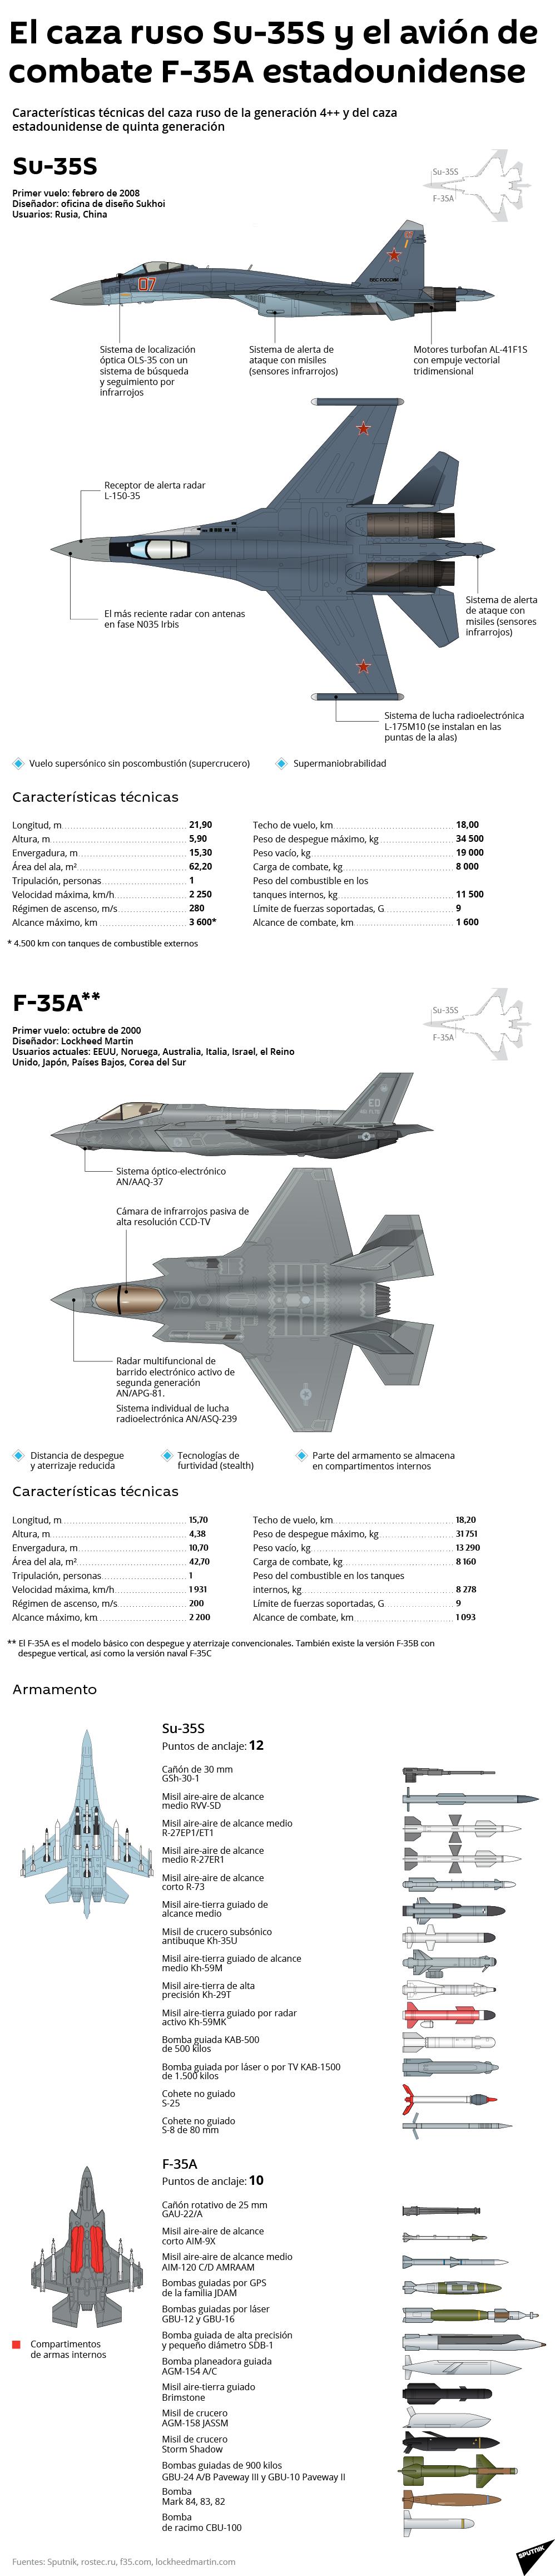 Su-35S de Rusia y el F-35A de EEUU